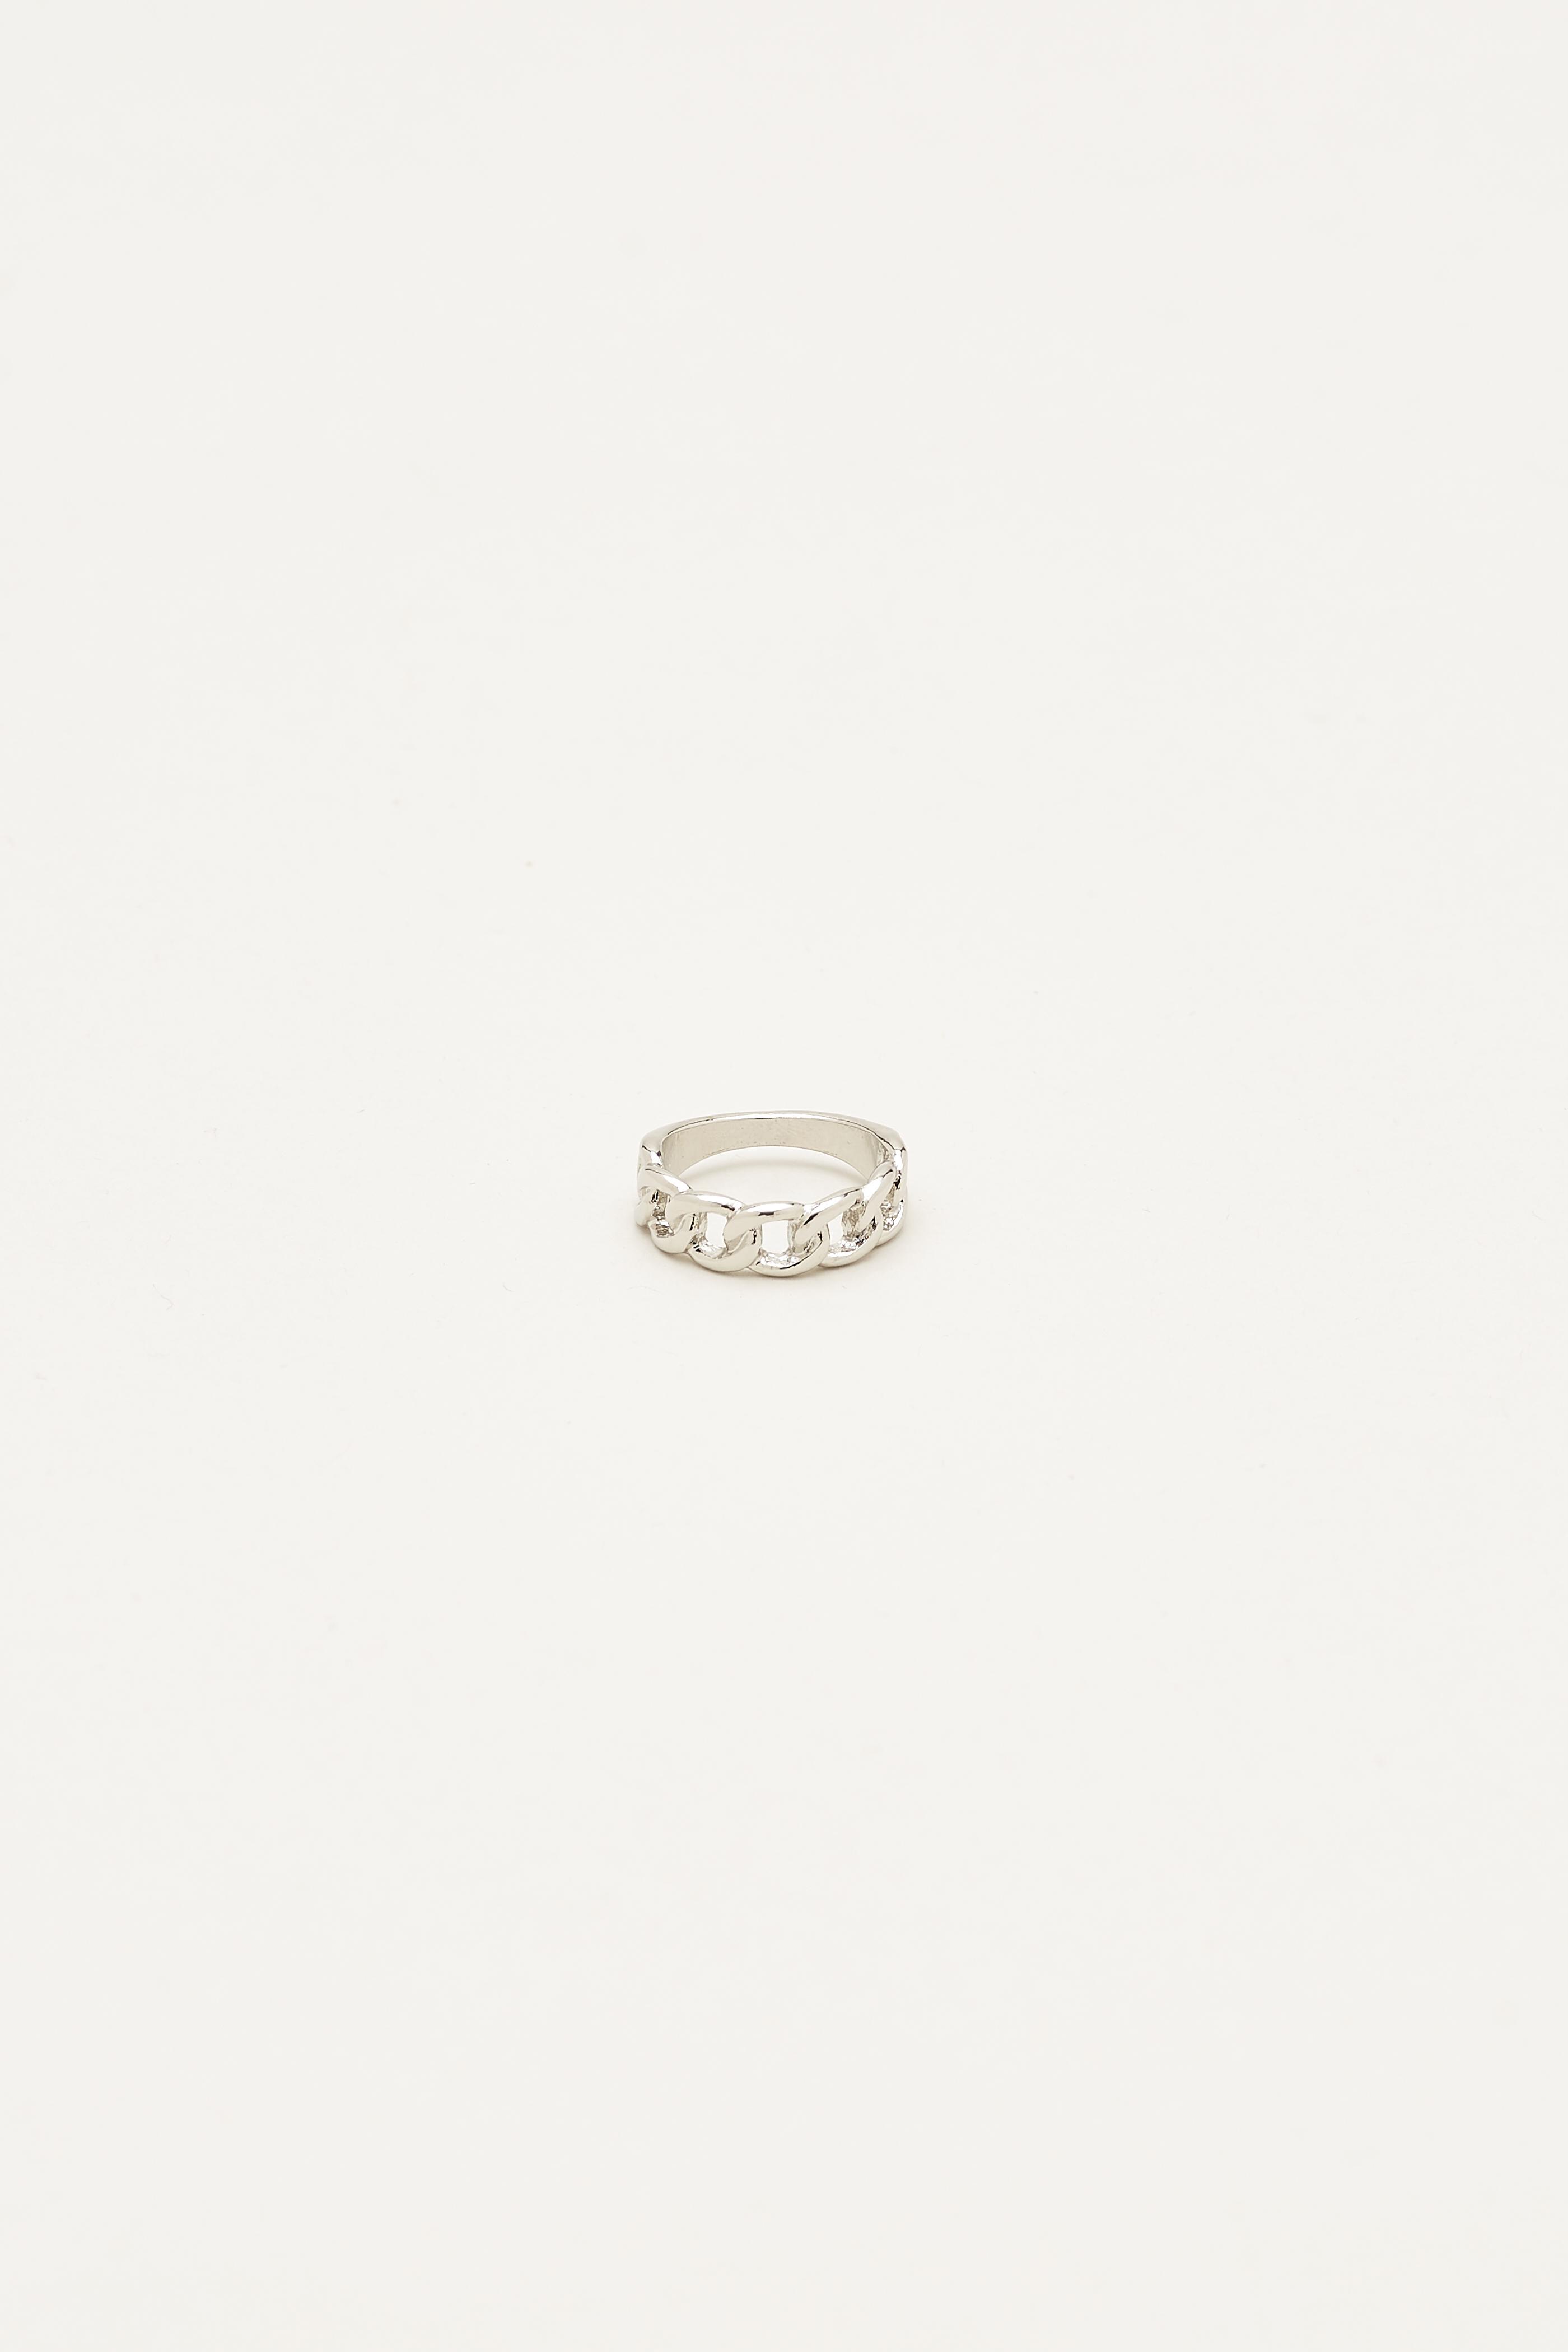 Jendaya Chain Ring